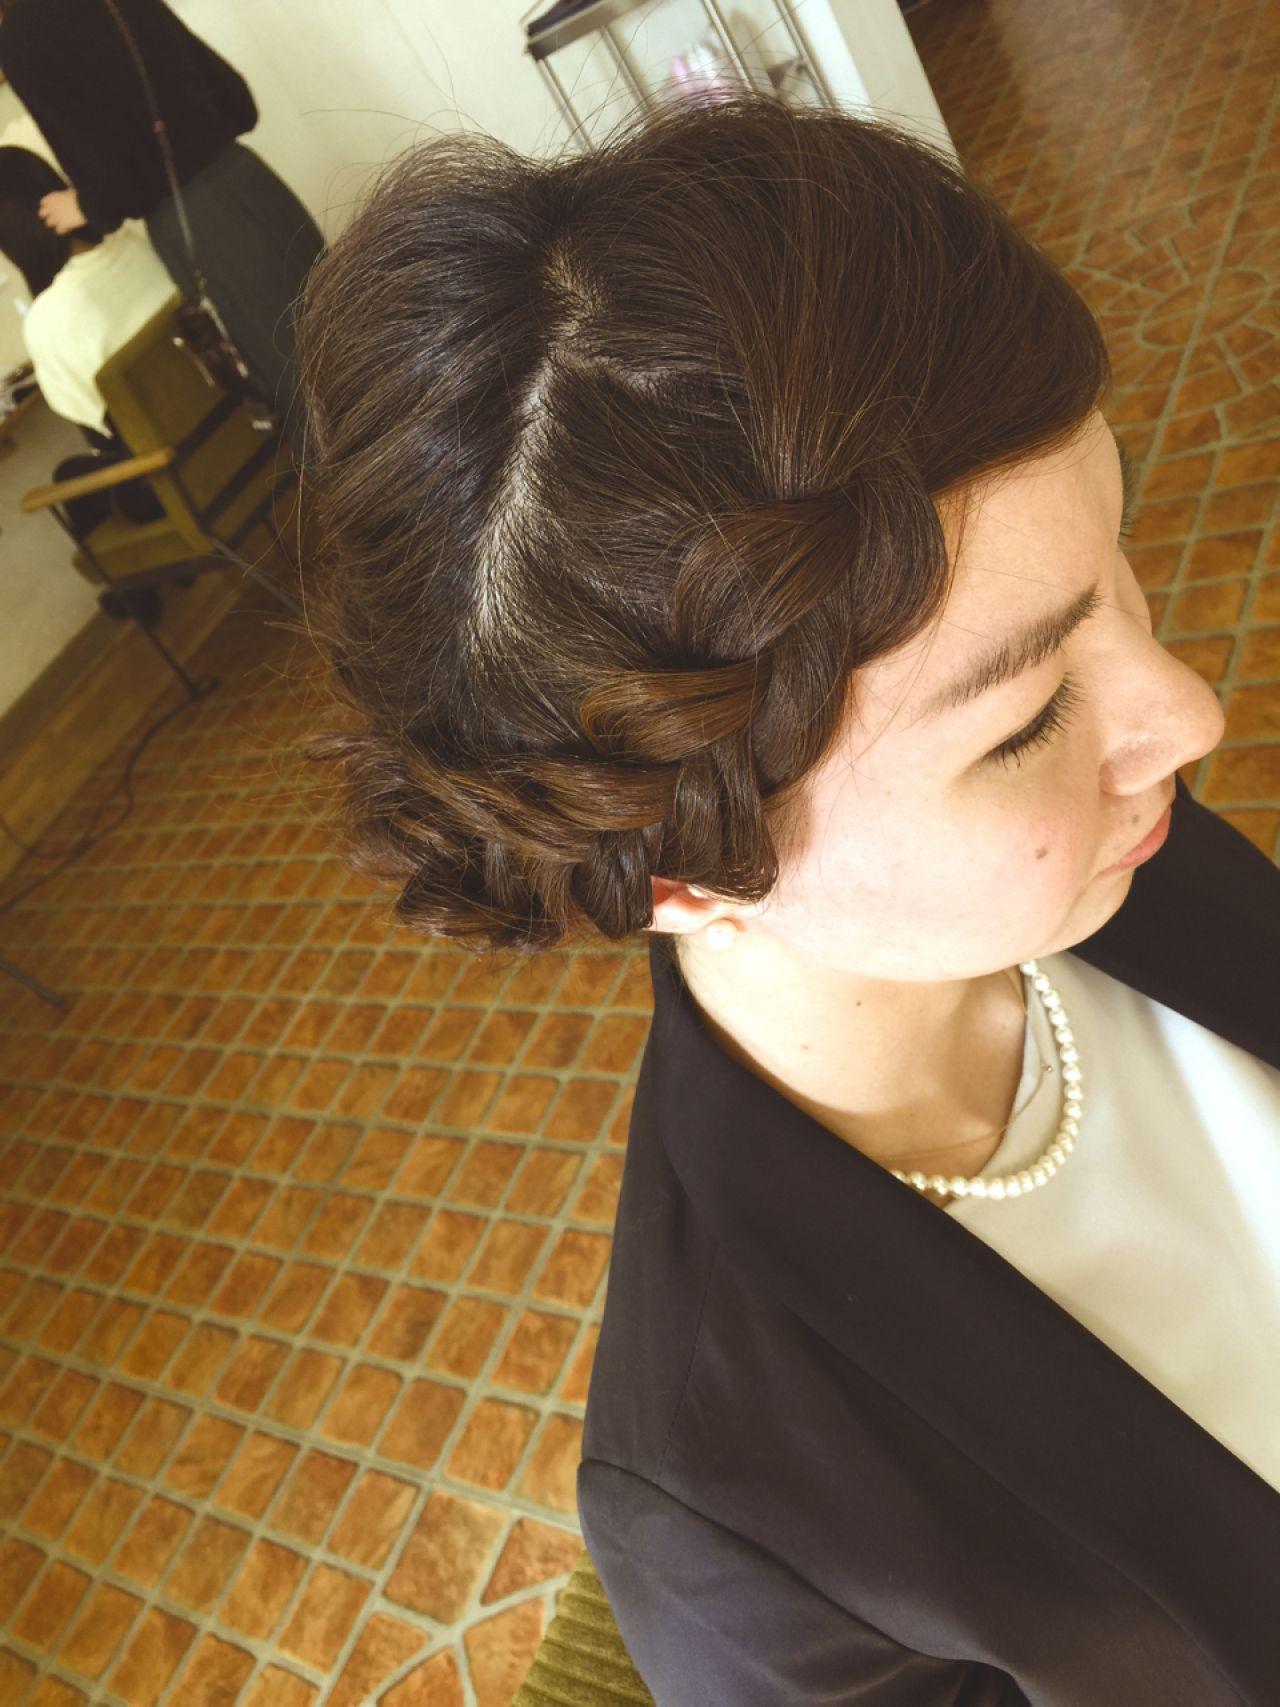 伸びてきた前髪を可愛くするなら?前髪編み込みにチャレンジ♡ 佐藤 友亮